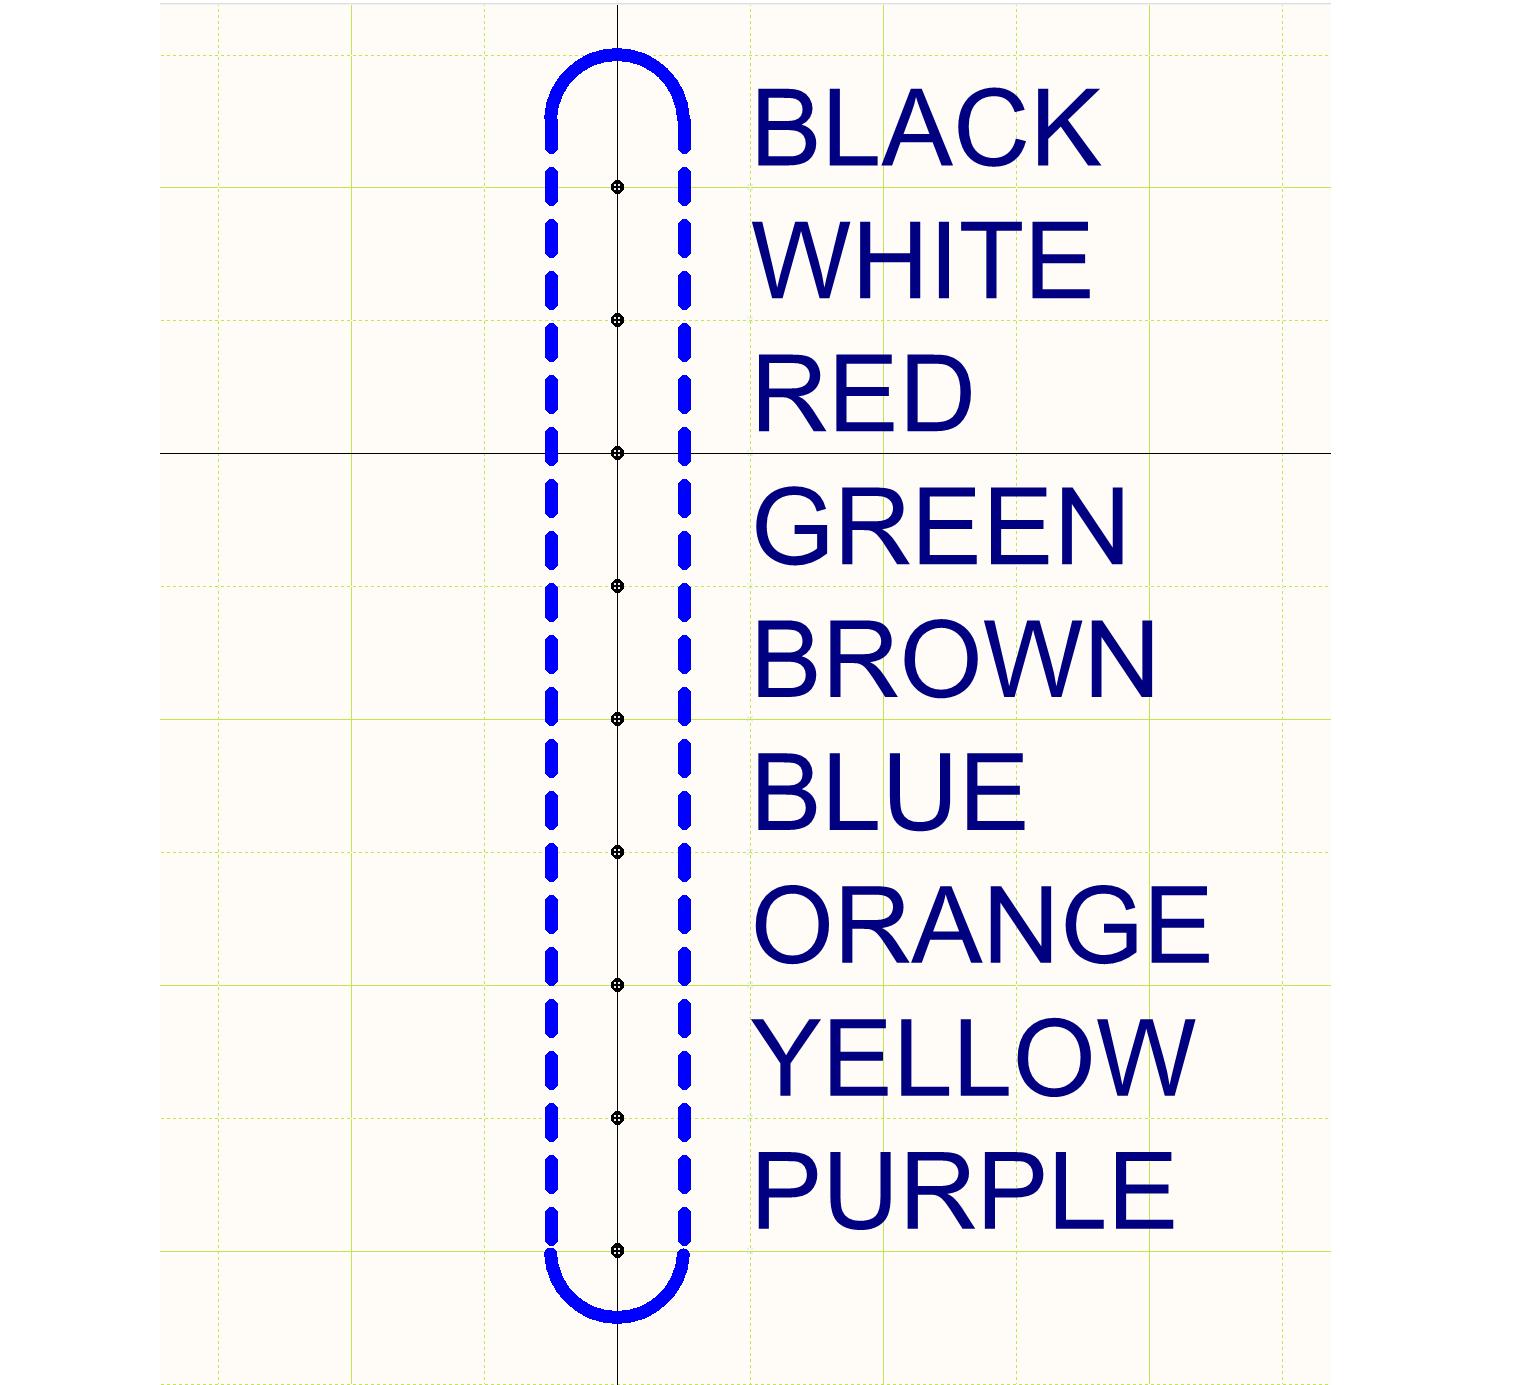 Abbildung 7.  Schaltplan-Symbol der Kabelzeichnung